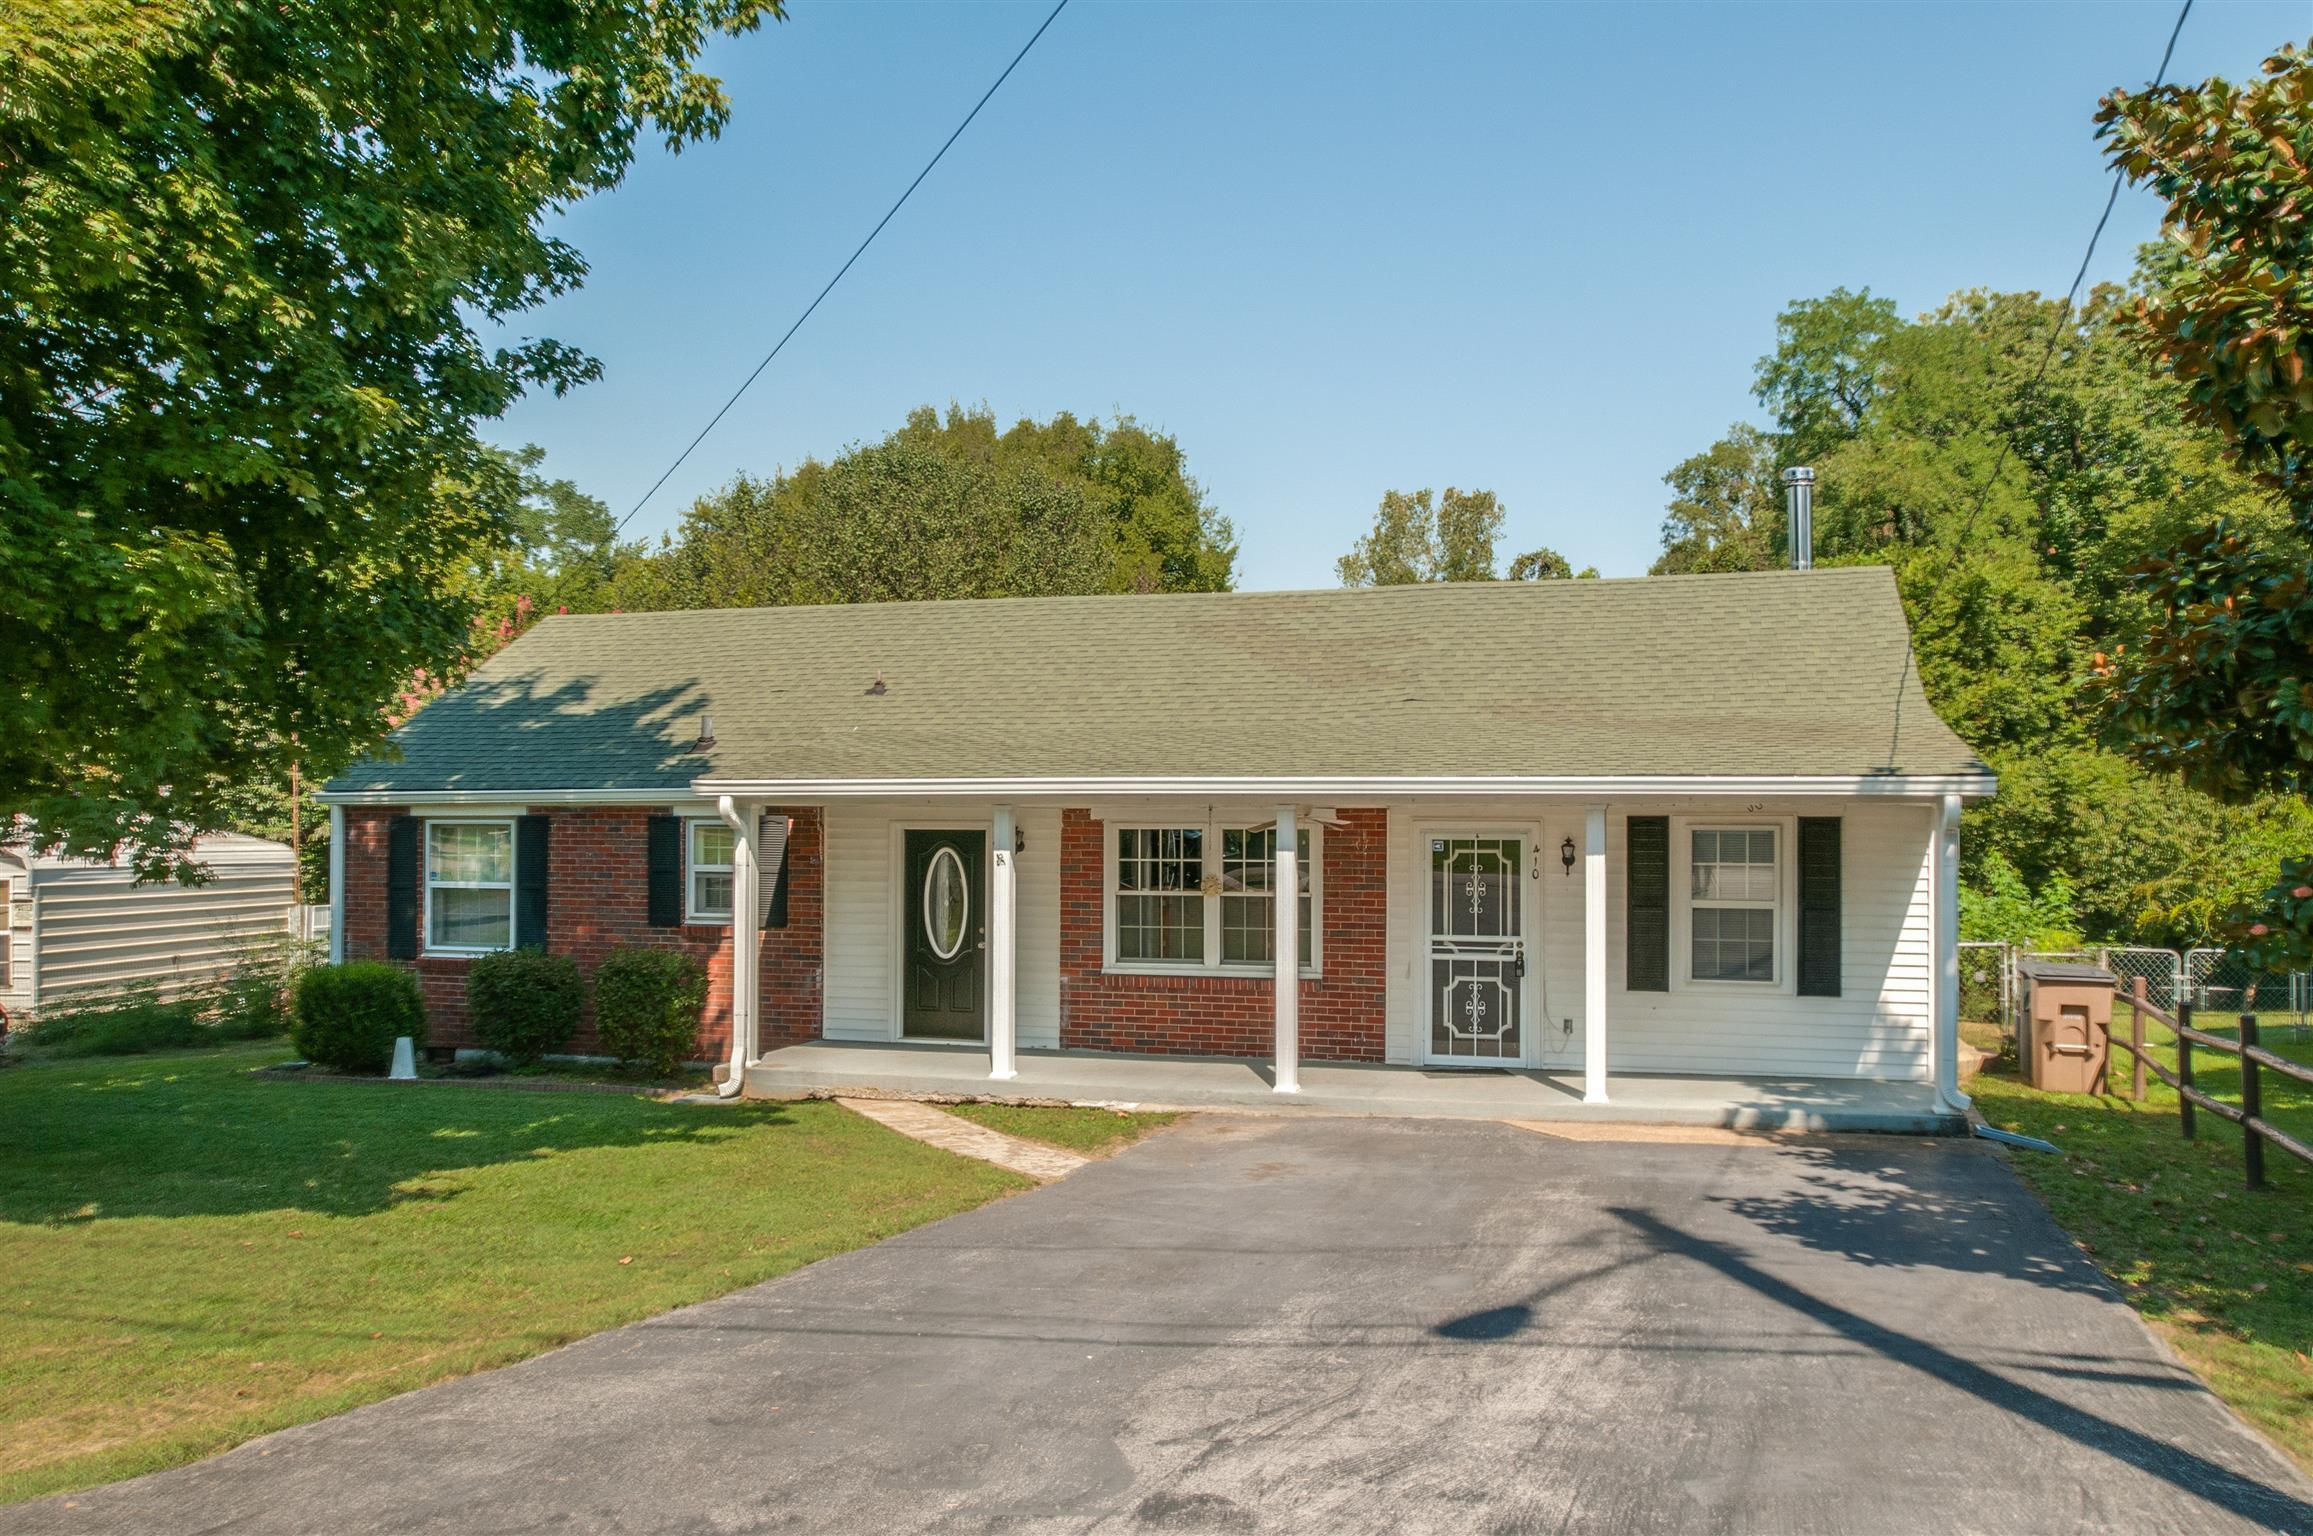 410 Wanda Dr, Nashville, TN 37214